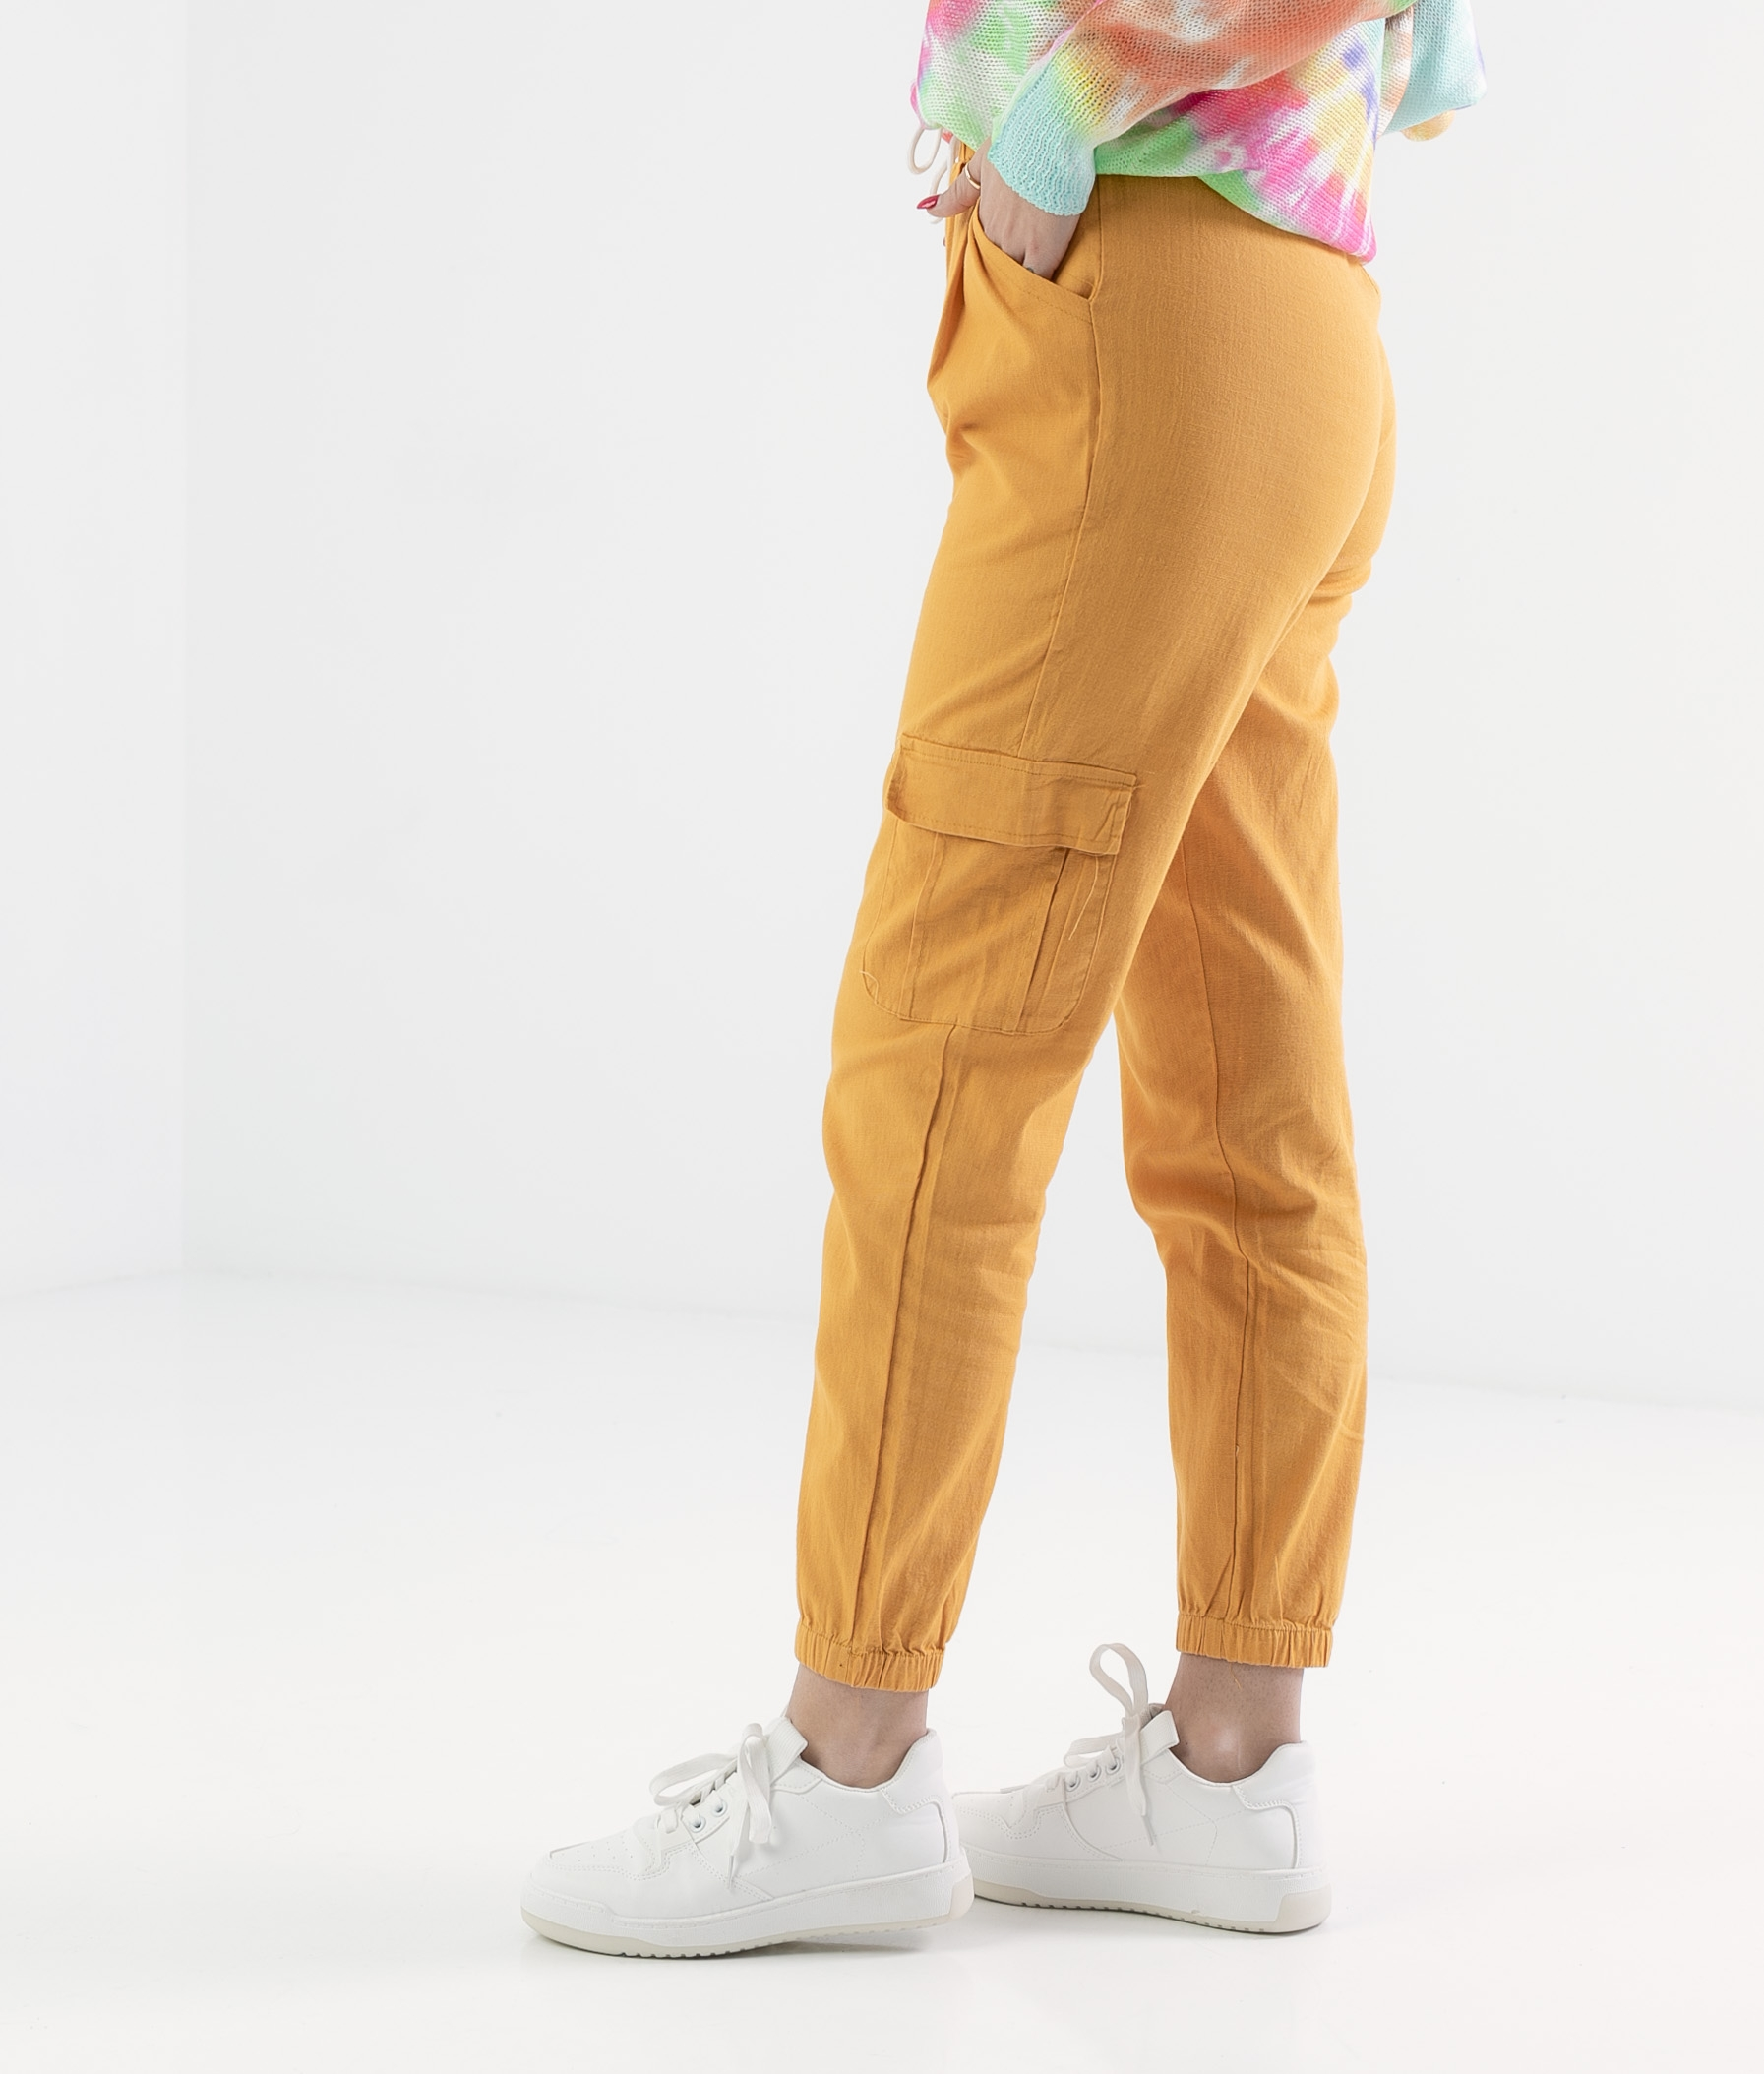 Pantalón Polne - Moutarde